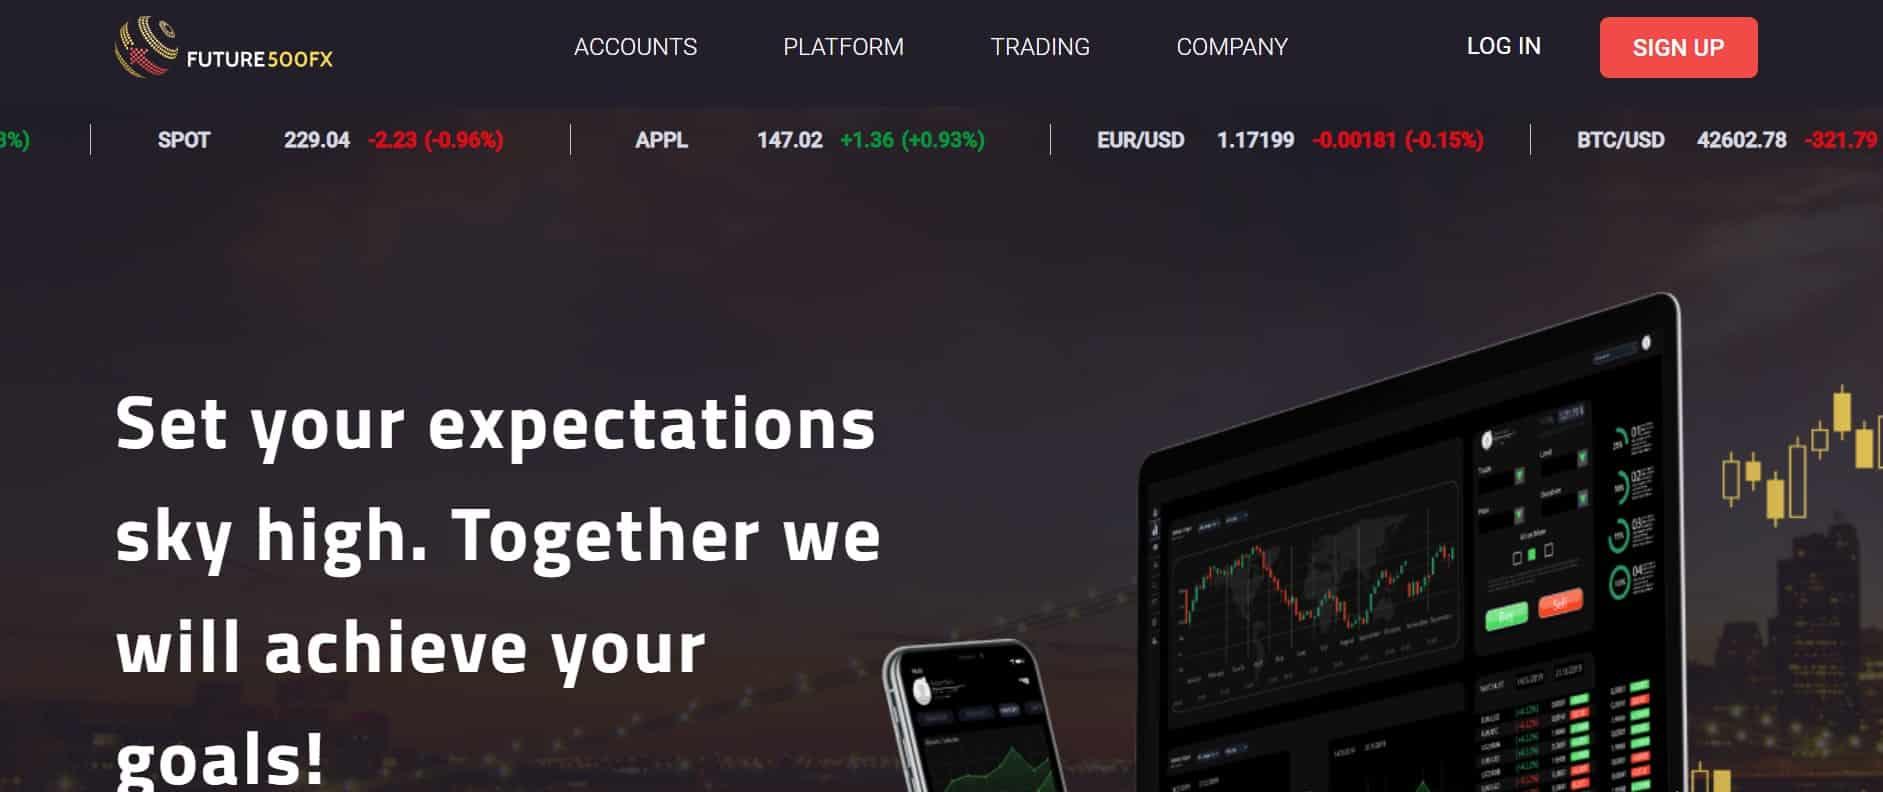 Future500FX website